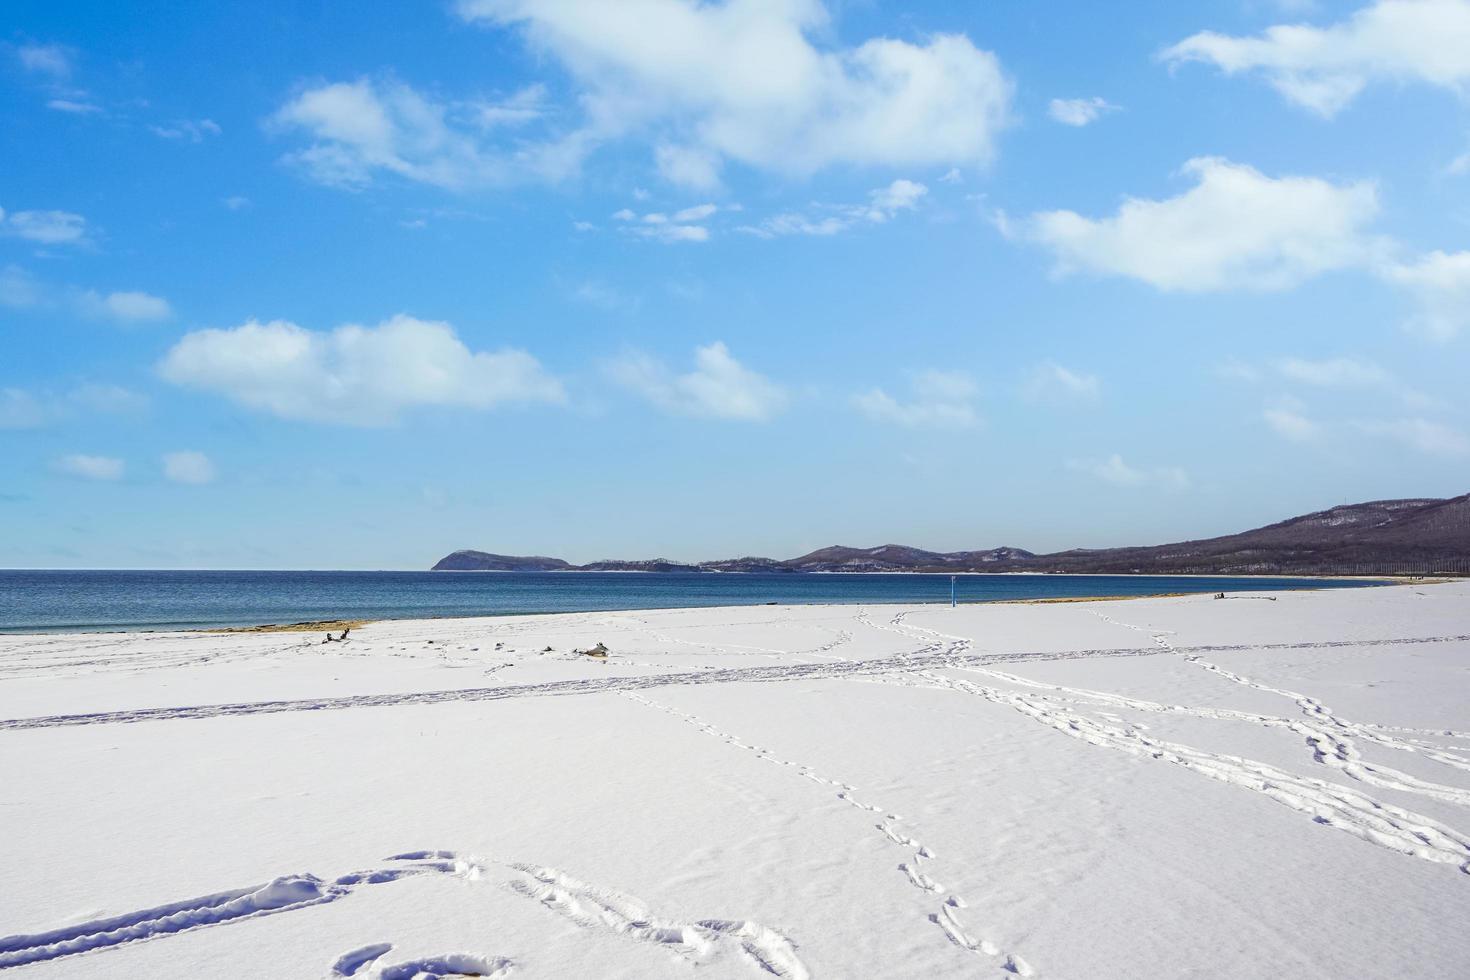 zeegezicht met een strand in de sneeuw foto